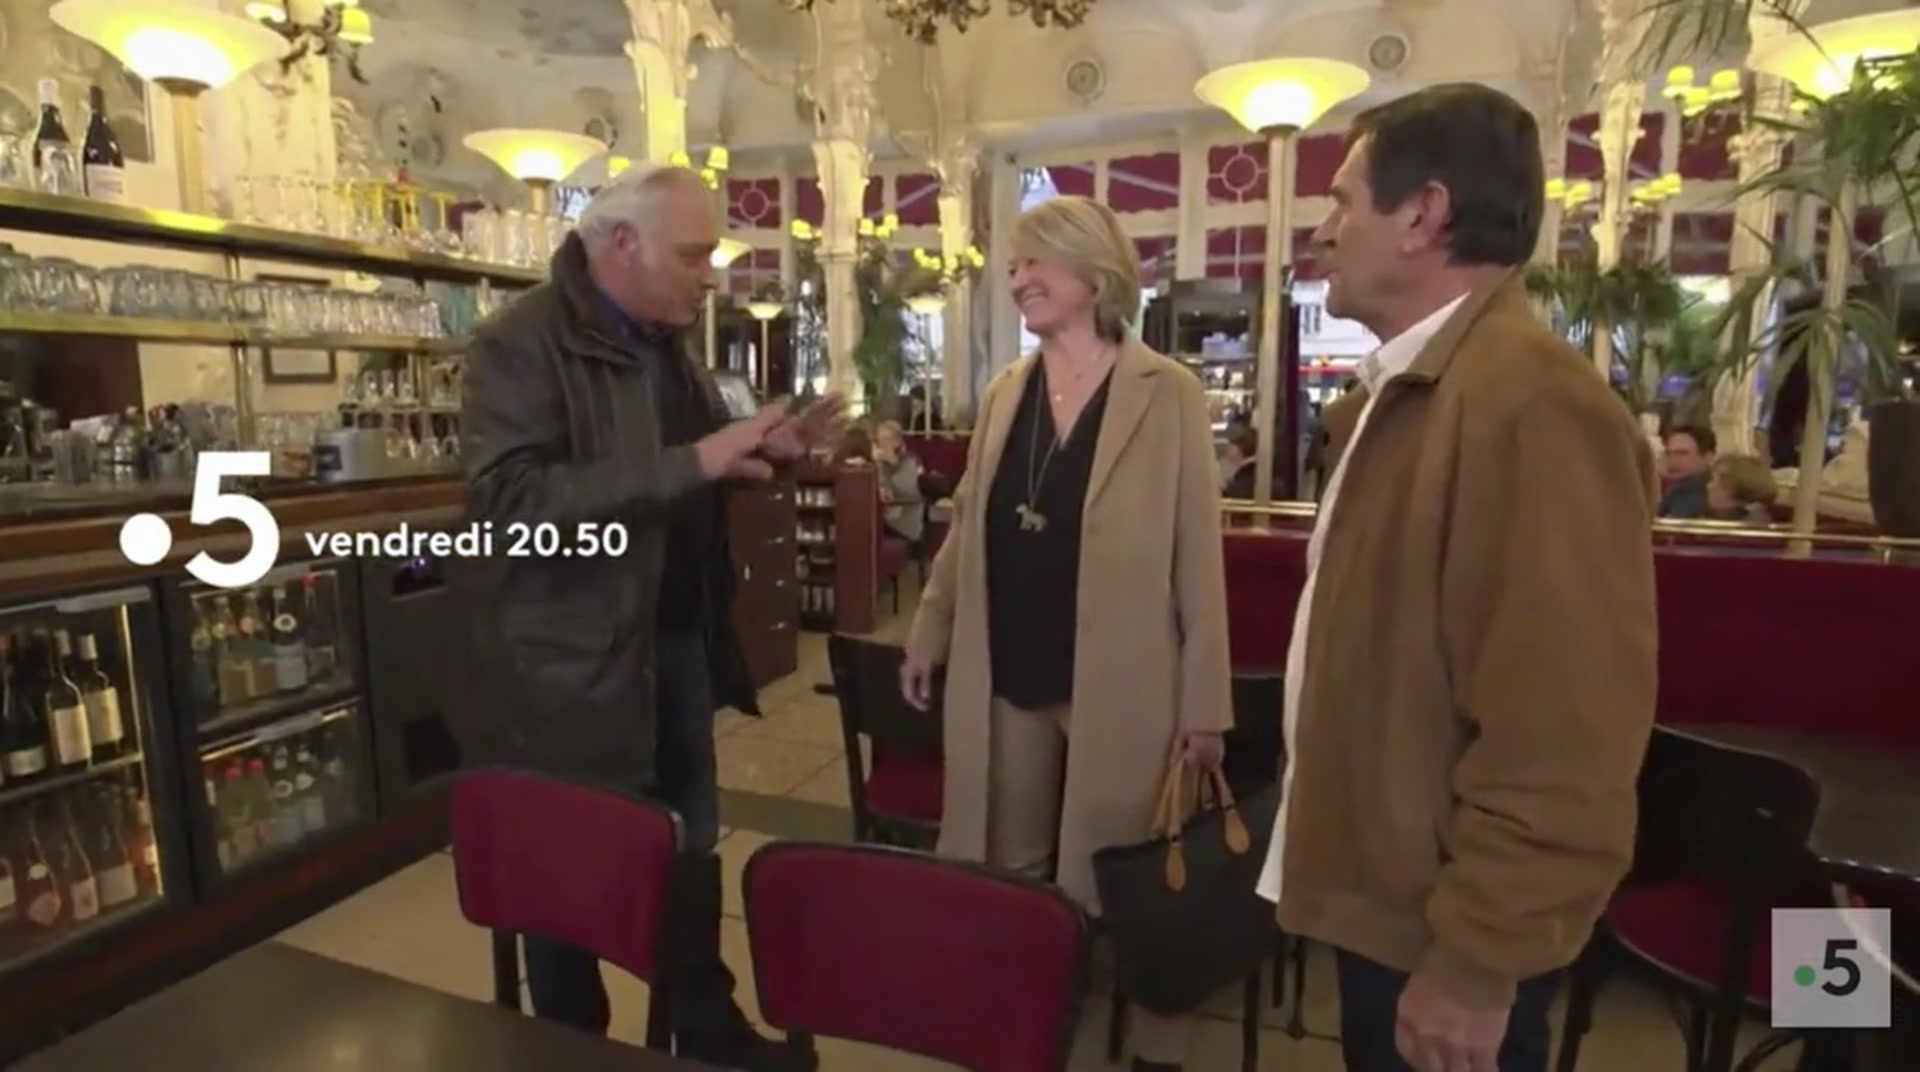 La maison France 5 : Moulins